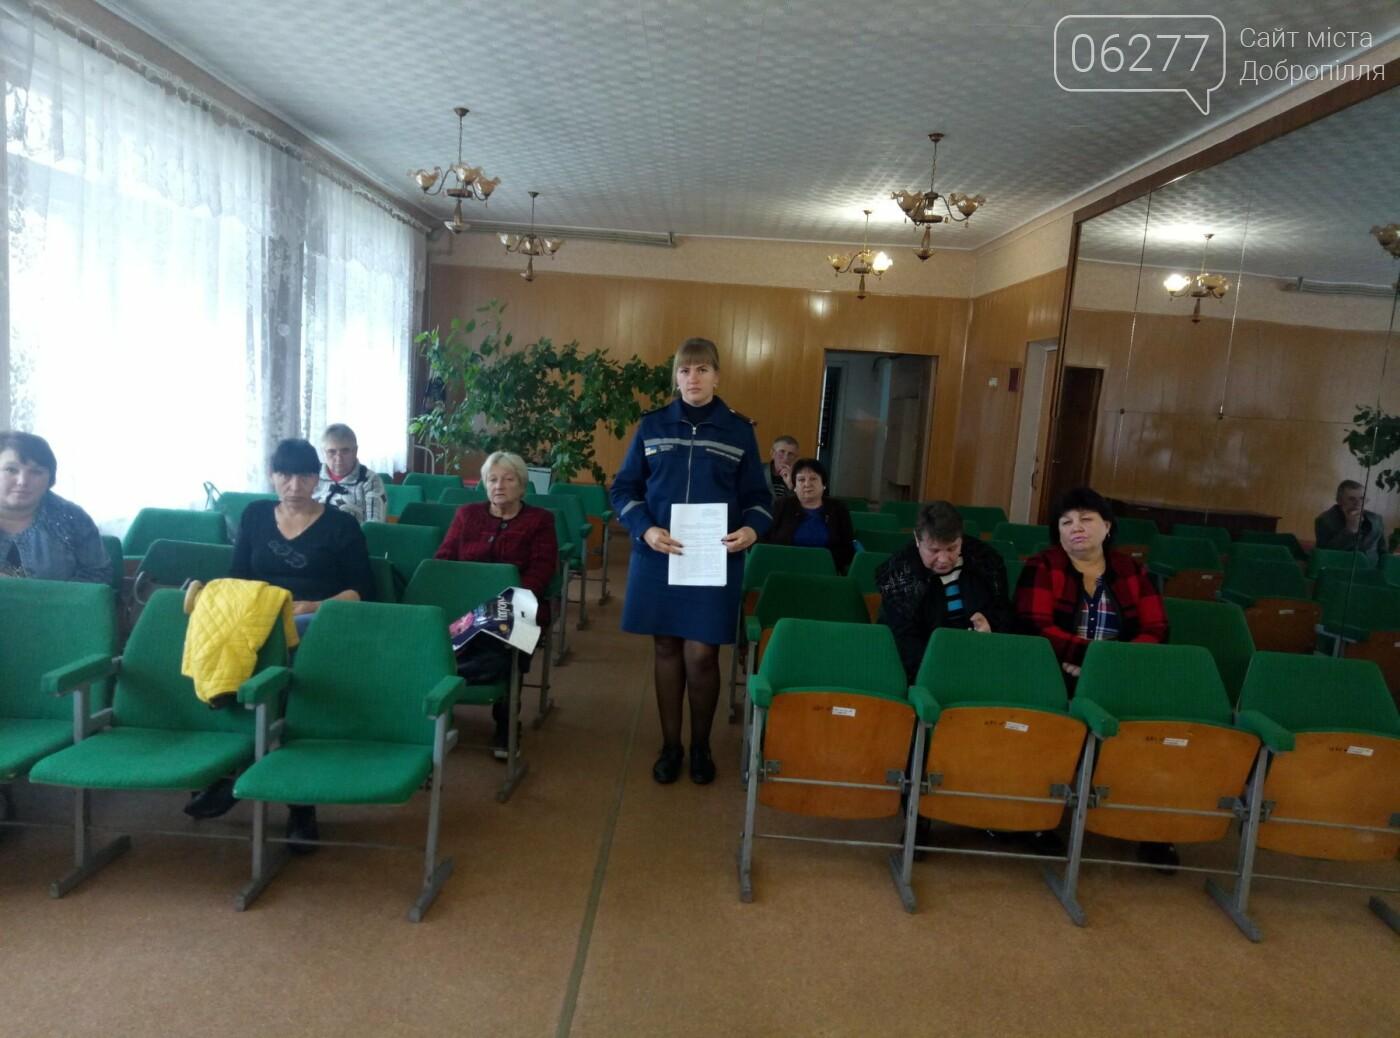 Рятувальники Донеччини прикладають максимум зусиль, аби кожен мешканець області почувався у безпеці, фото-2